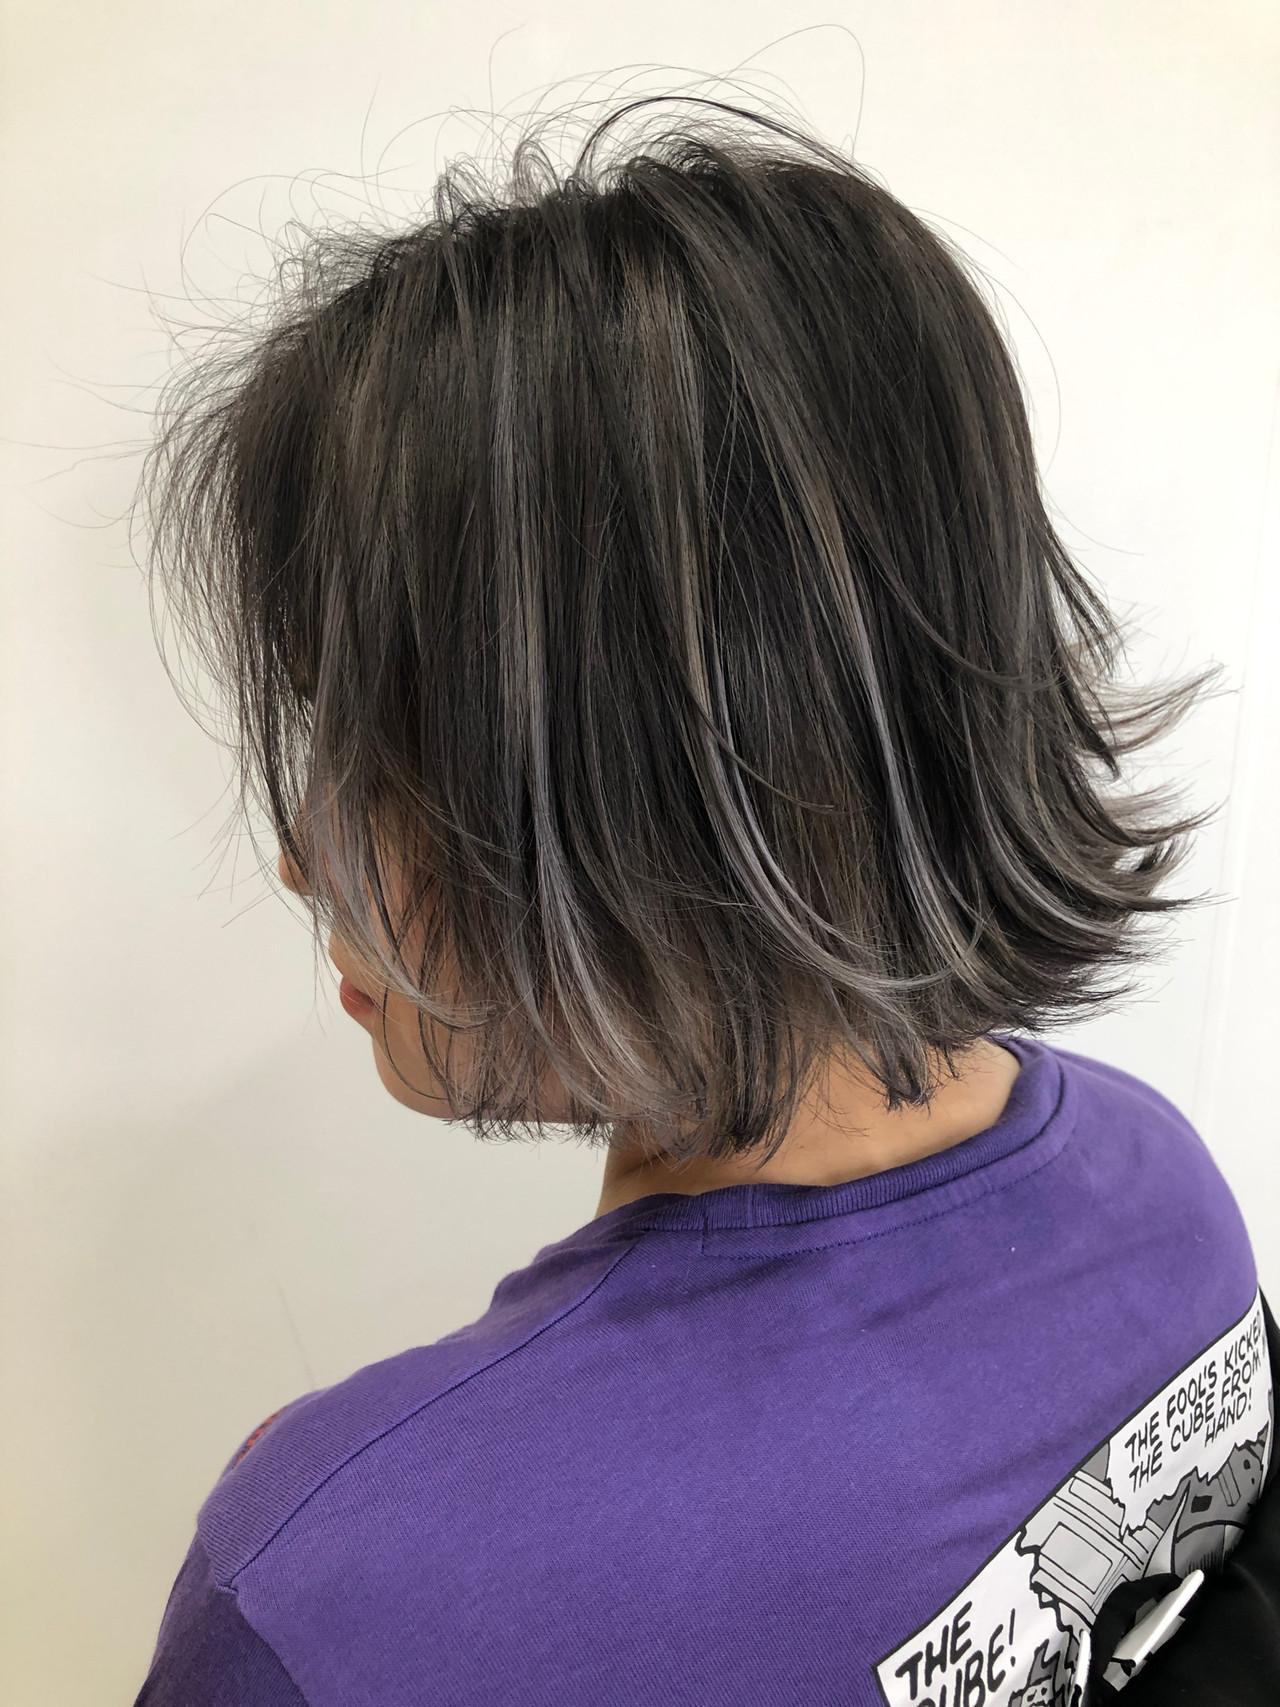 ホワイトハイライト コントラストハイライト ブリーチ コテ巻き ヘアスタイルや髪型の写真・画像